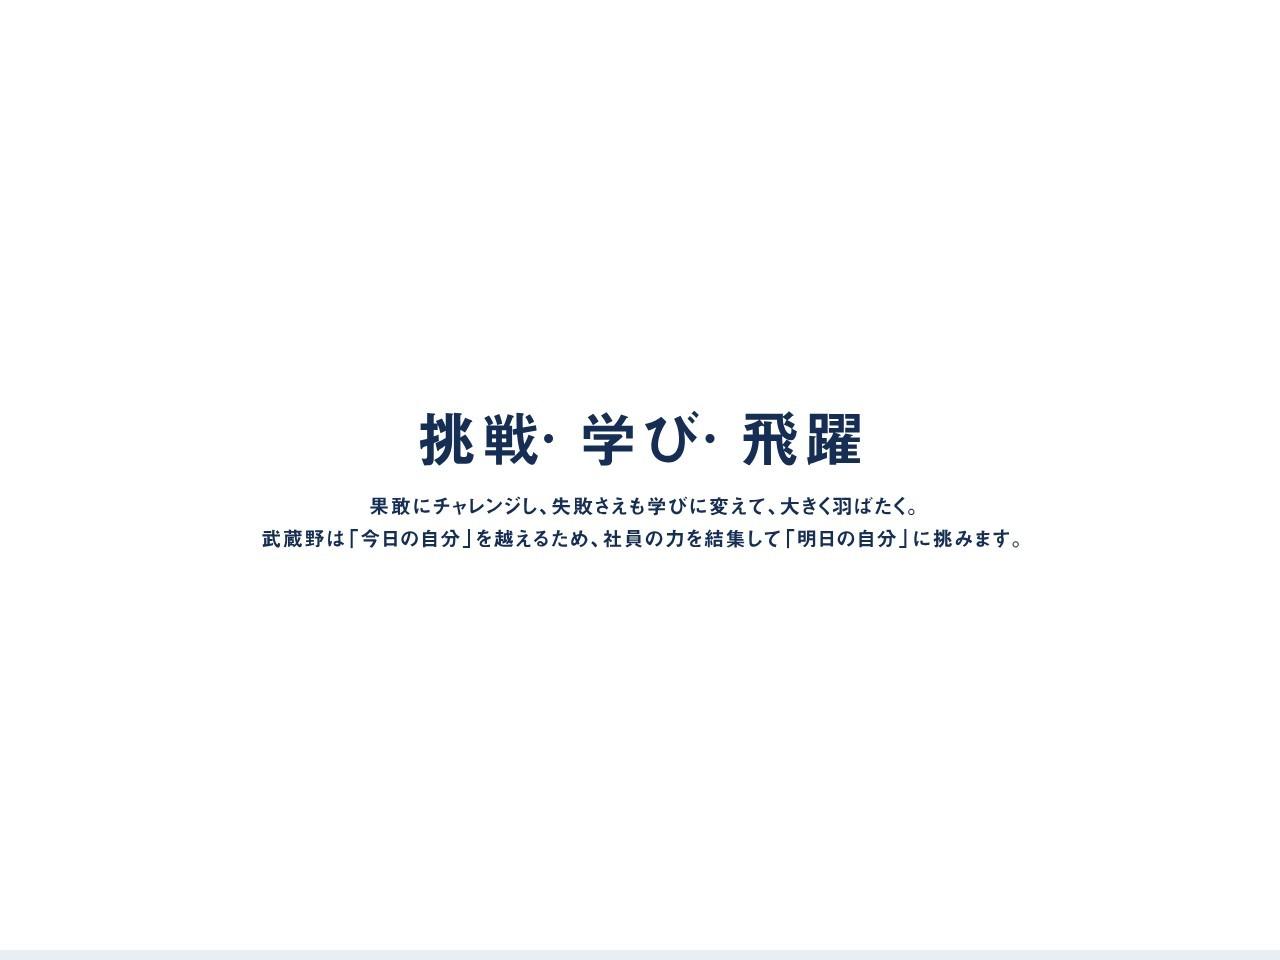 ダスキン事業を基盤とした中小企業の経営コンサルティング|株式会社 武蔵野